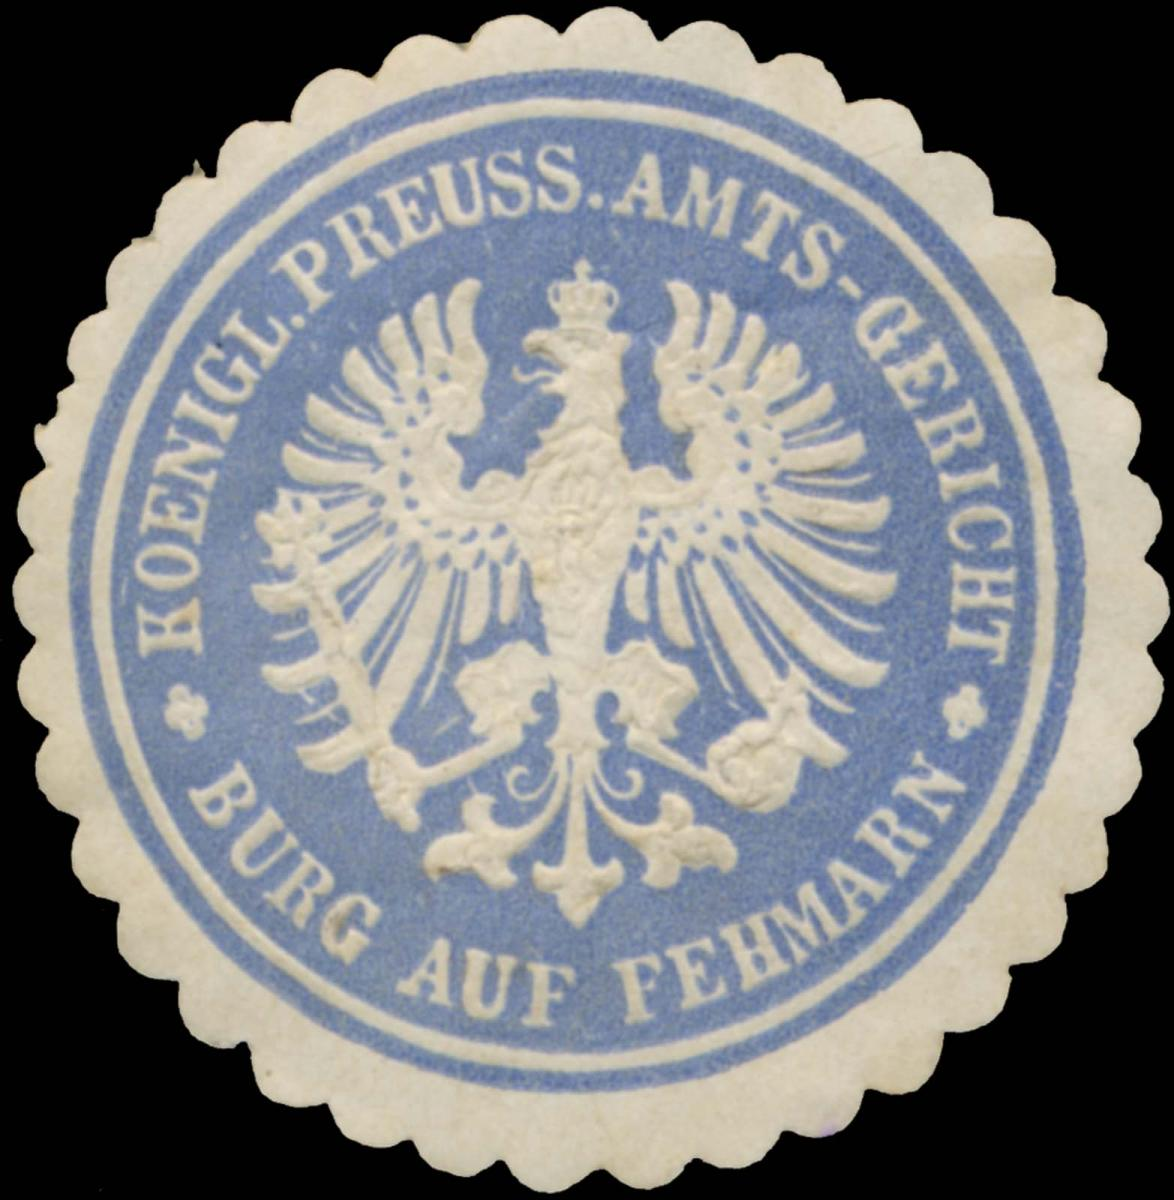 K.Pr. Amtsgericht Burg auf Fehmarn